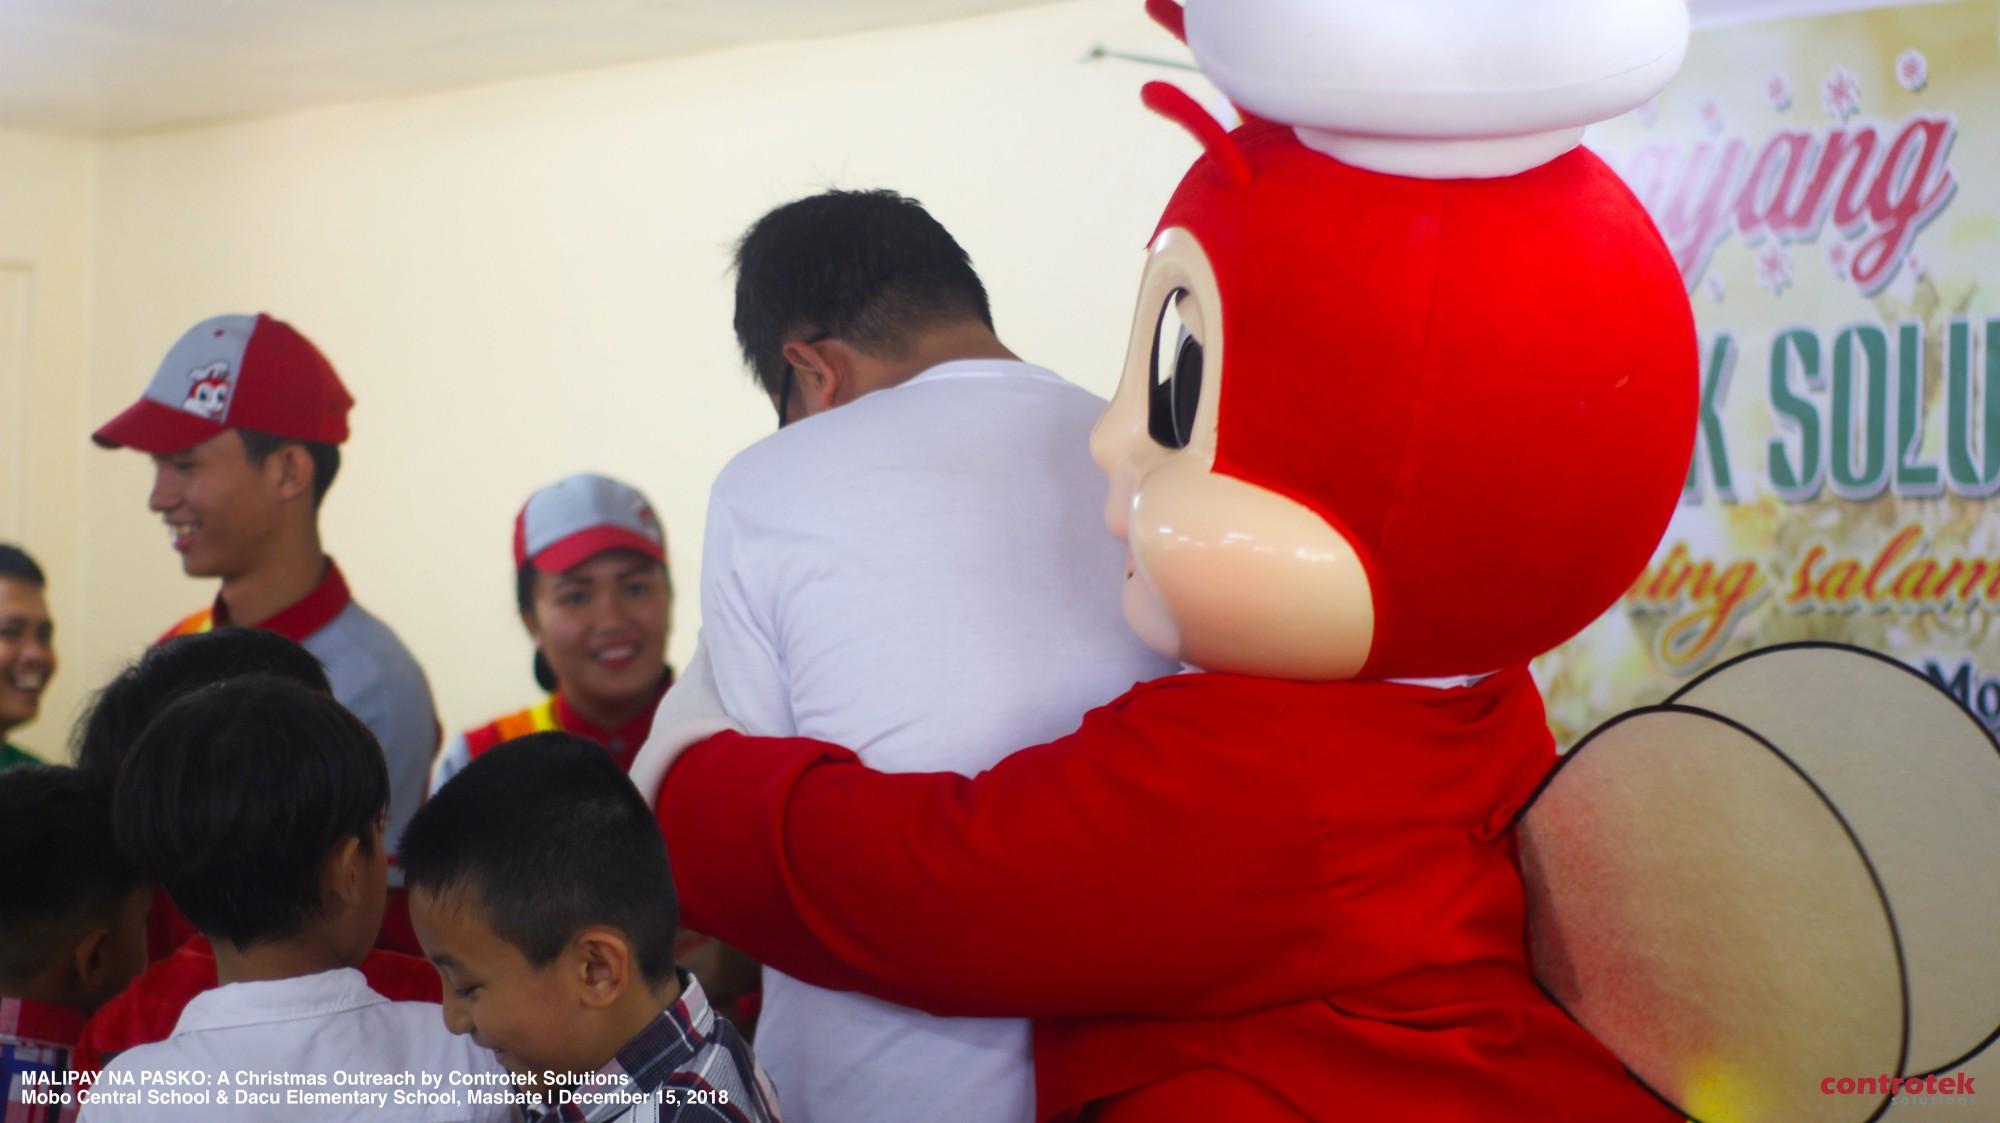 Malipay na Pasko21-20181220